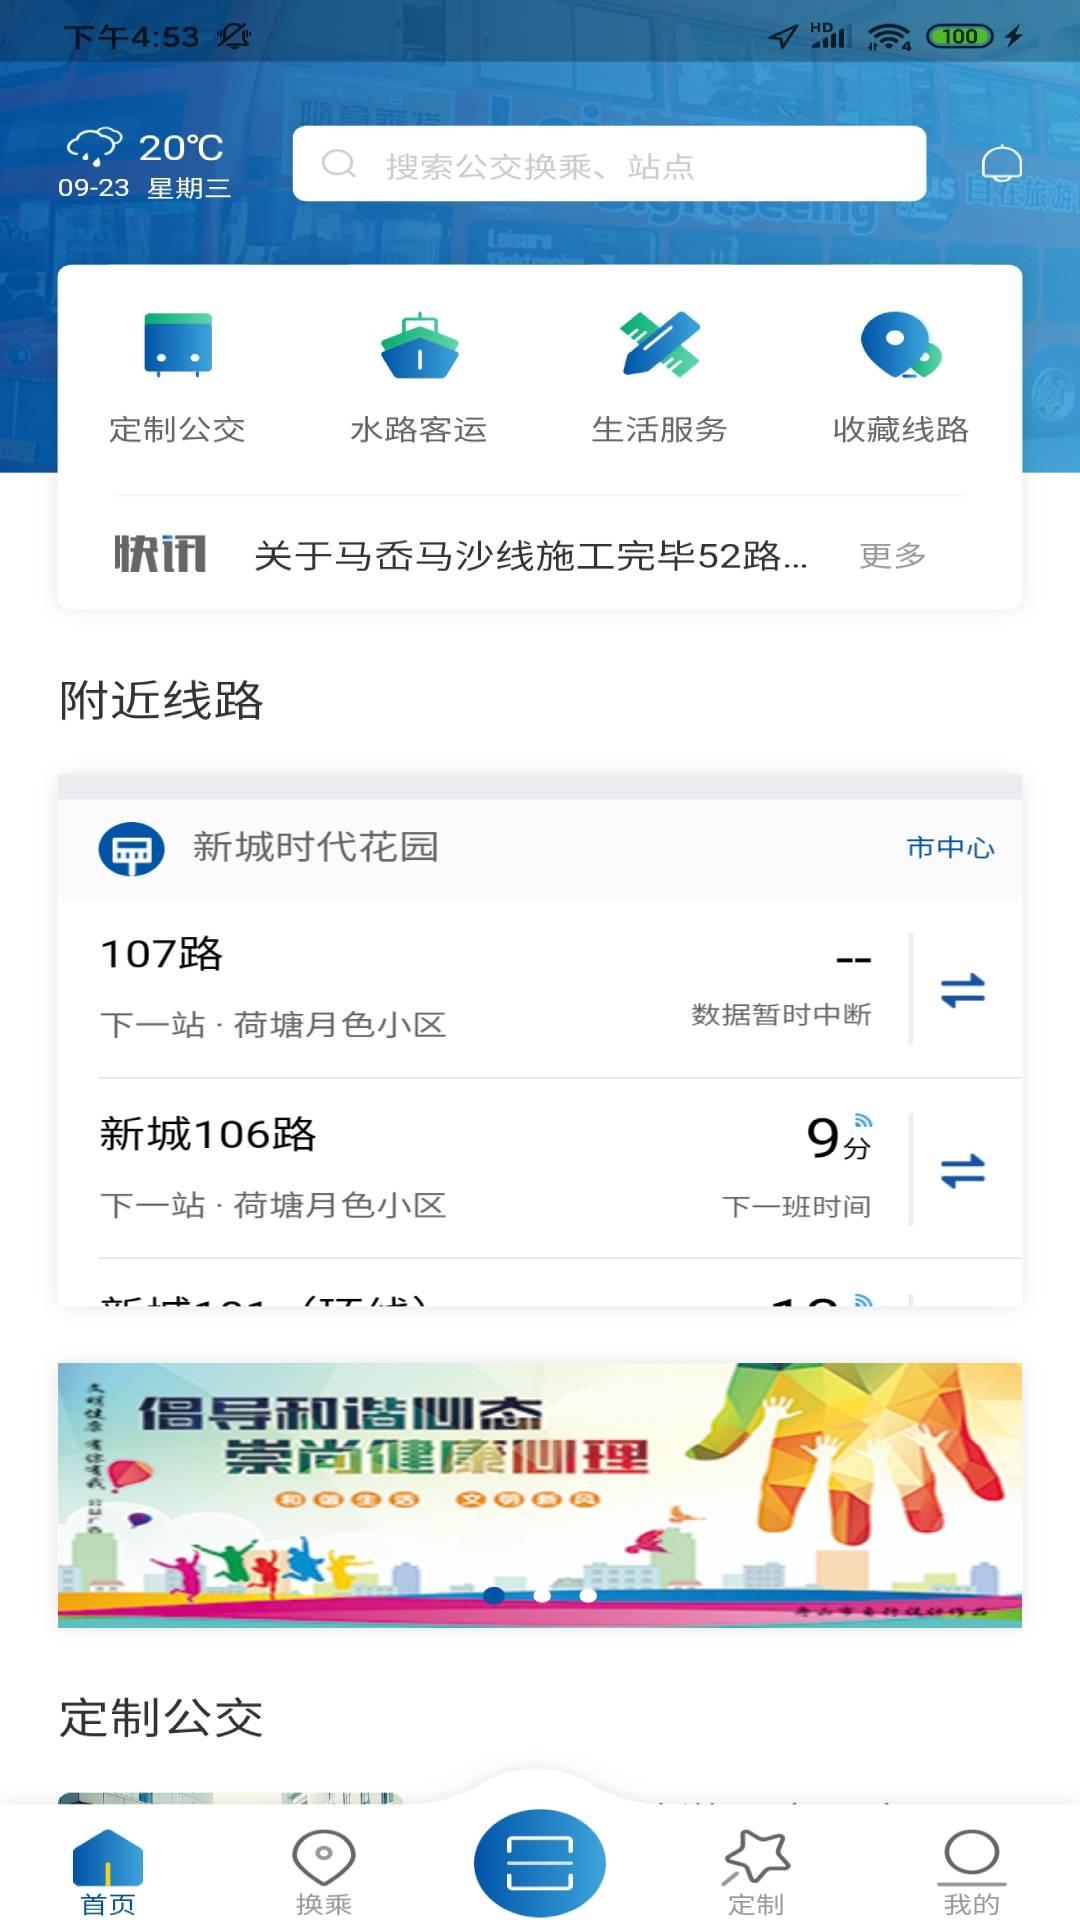 舟山公交 V1.0.3 安卓版截图1